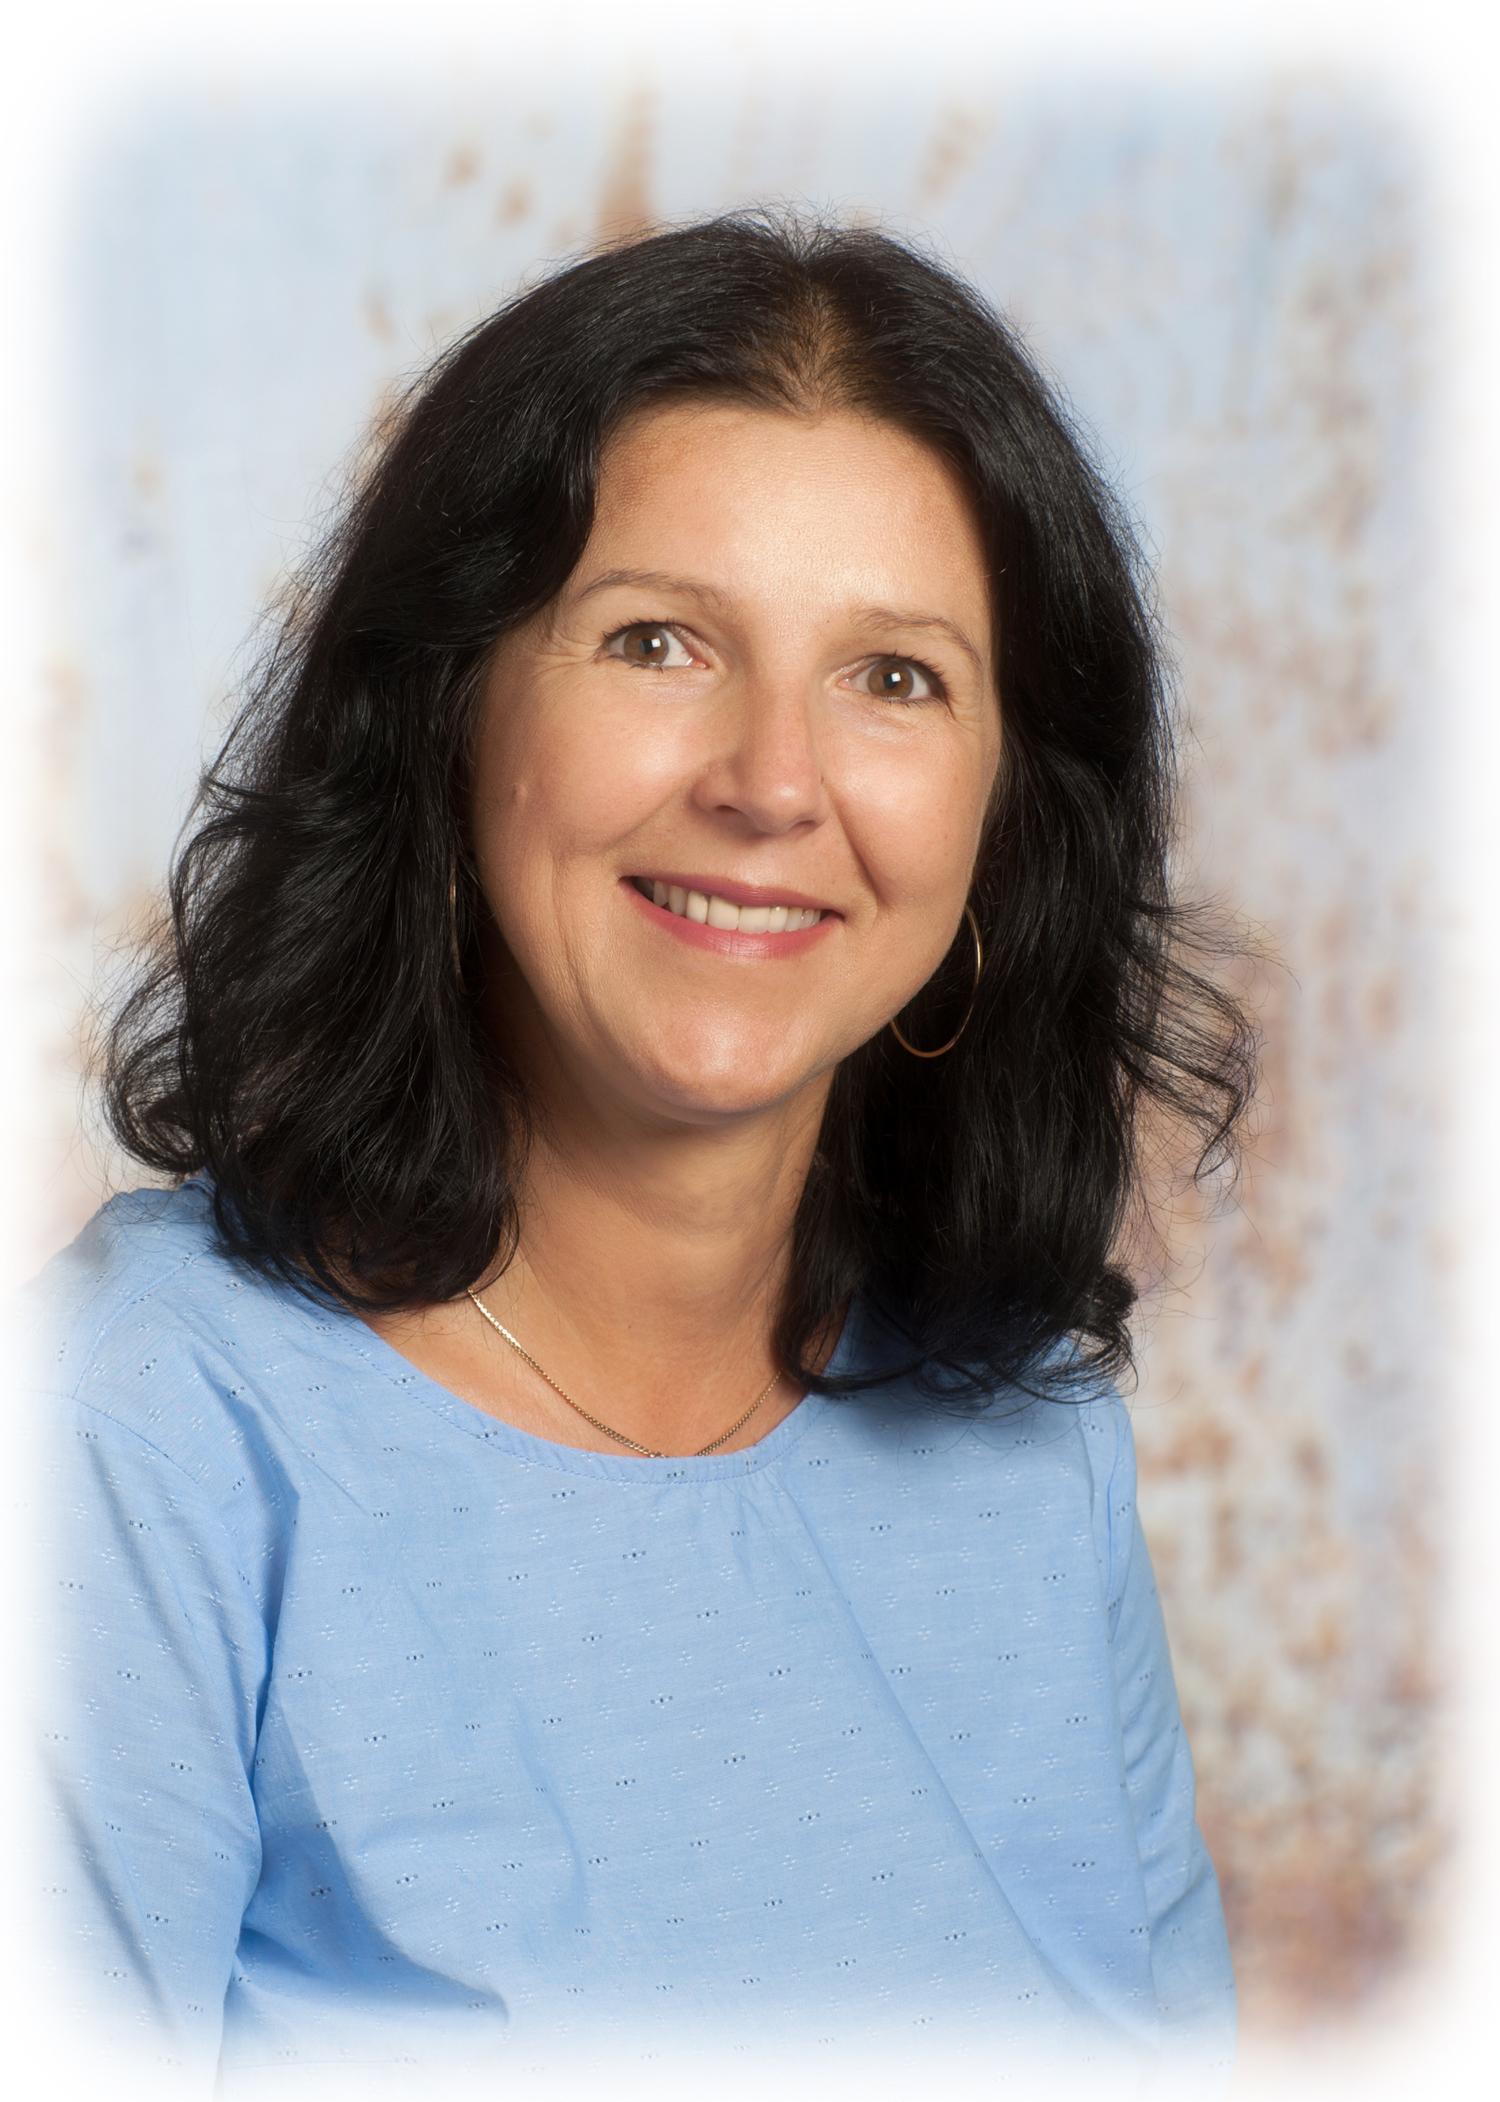 Amra Suskic